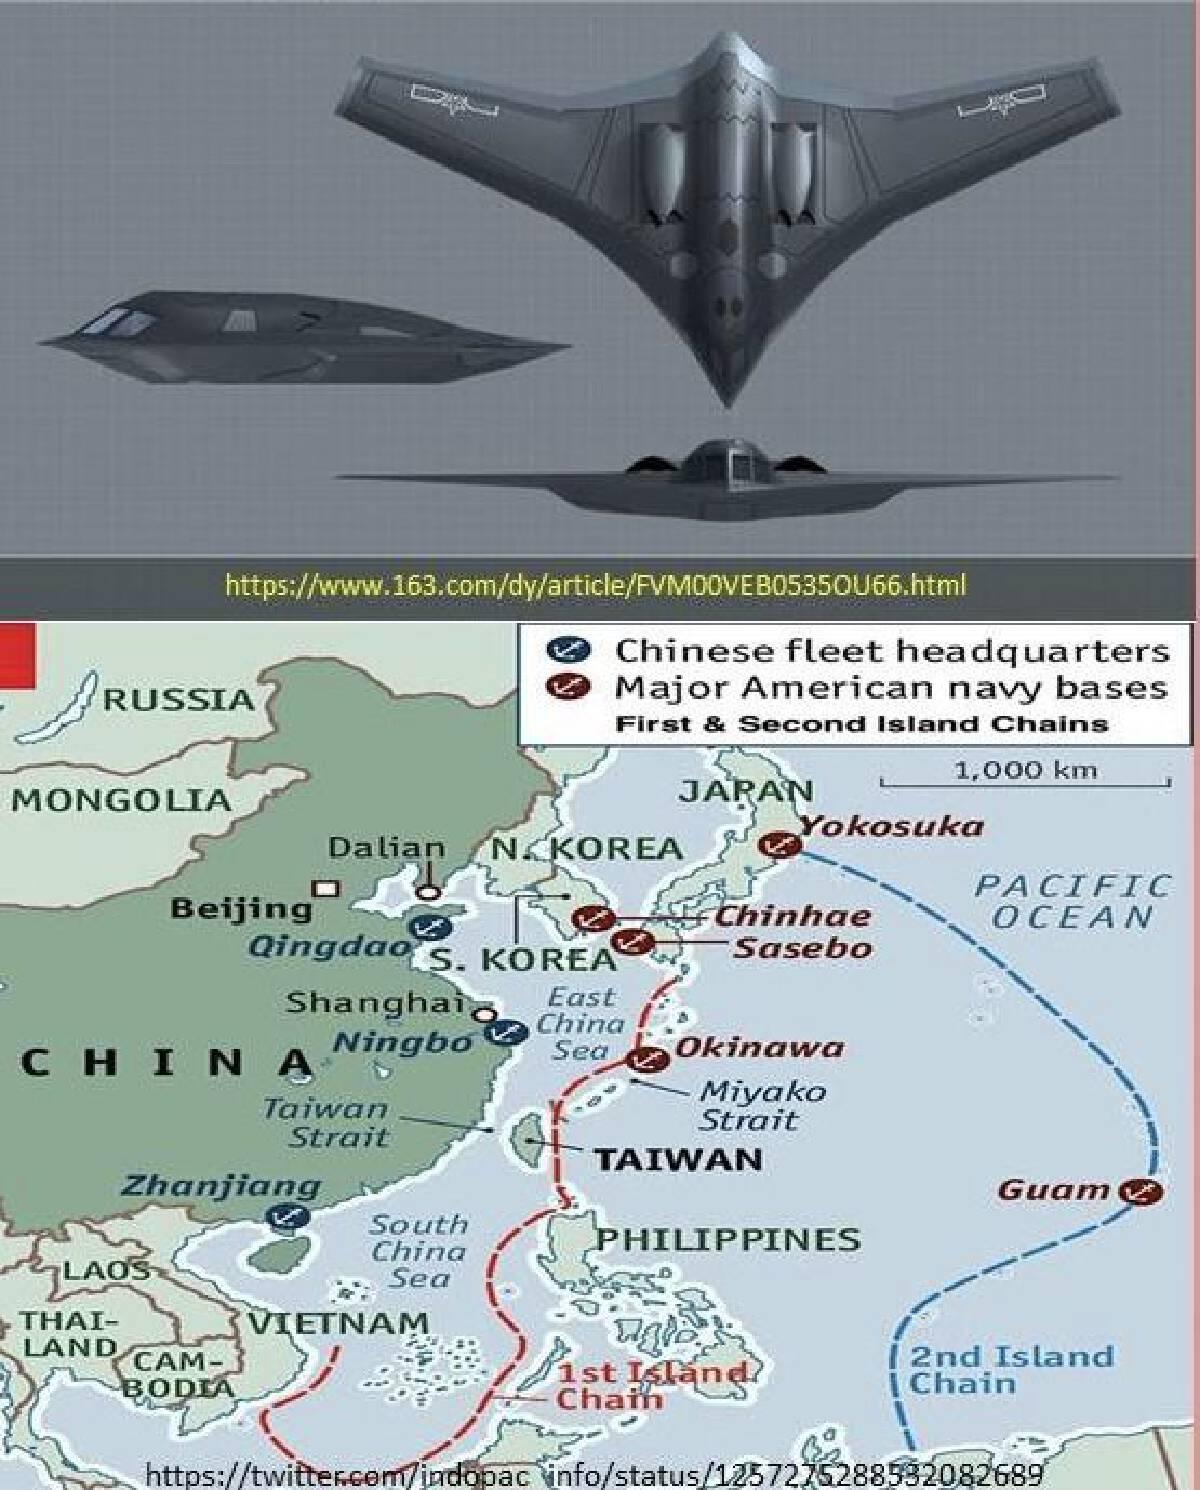 จีนพัฒนาสำเร็จเครื่องบินทิ้งระเบิดล่องหนรุ่นใหม่ H-20